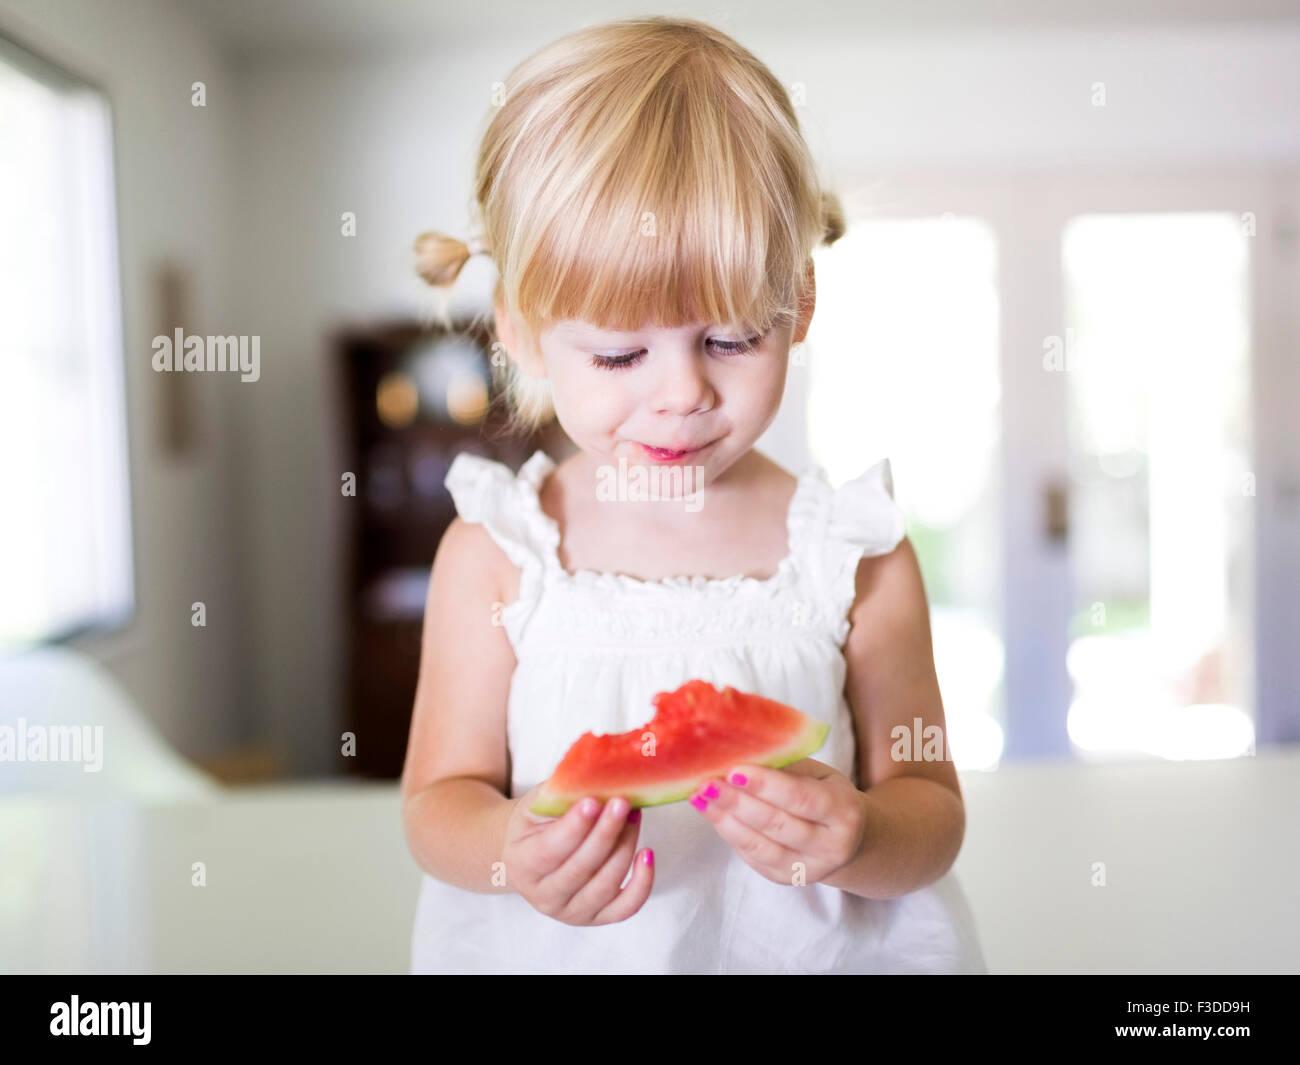 Retrato de niña (2-3) Comiendo Sandía Imagen De Stock